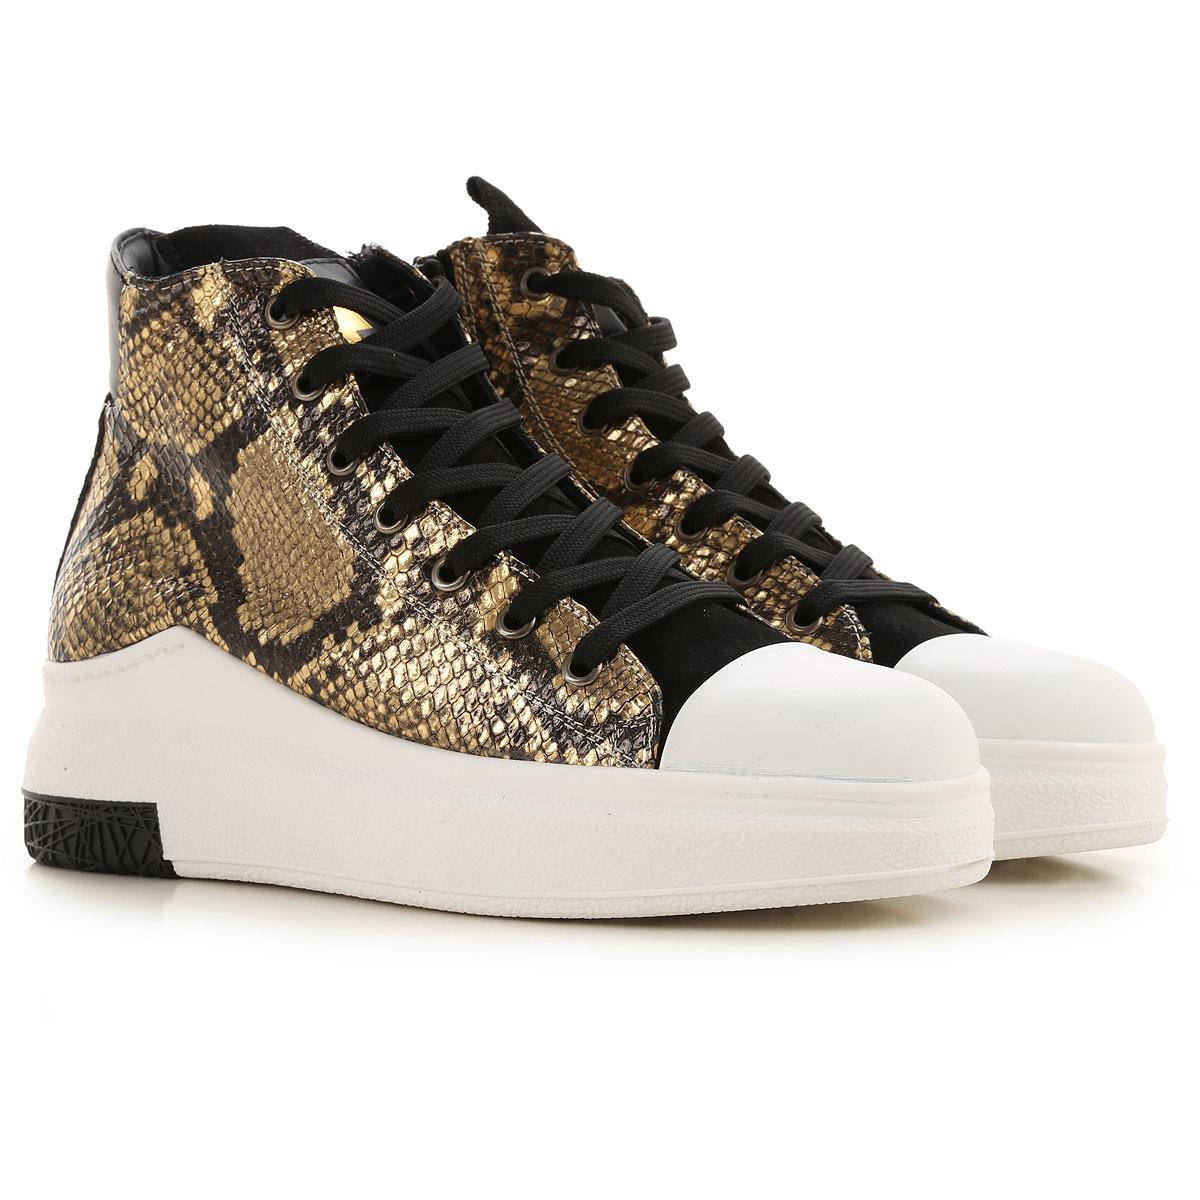 Cinzia Araia Sneaker Femme, Blanc, Cuir, 2019, 35 36 37 38 39 40